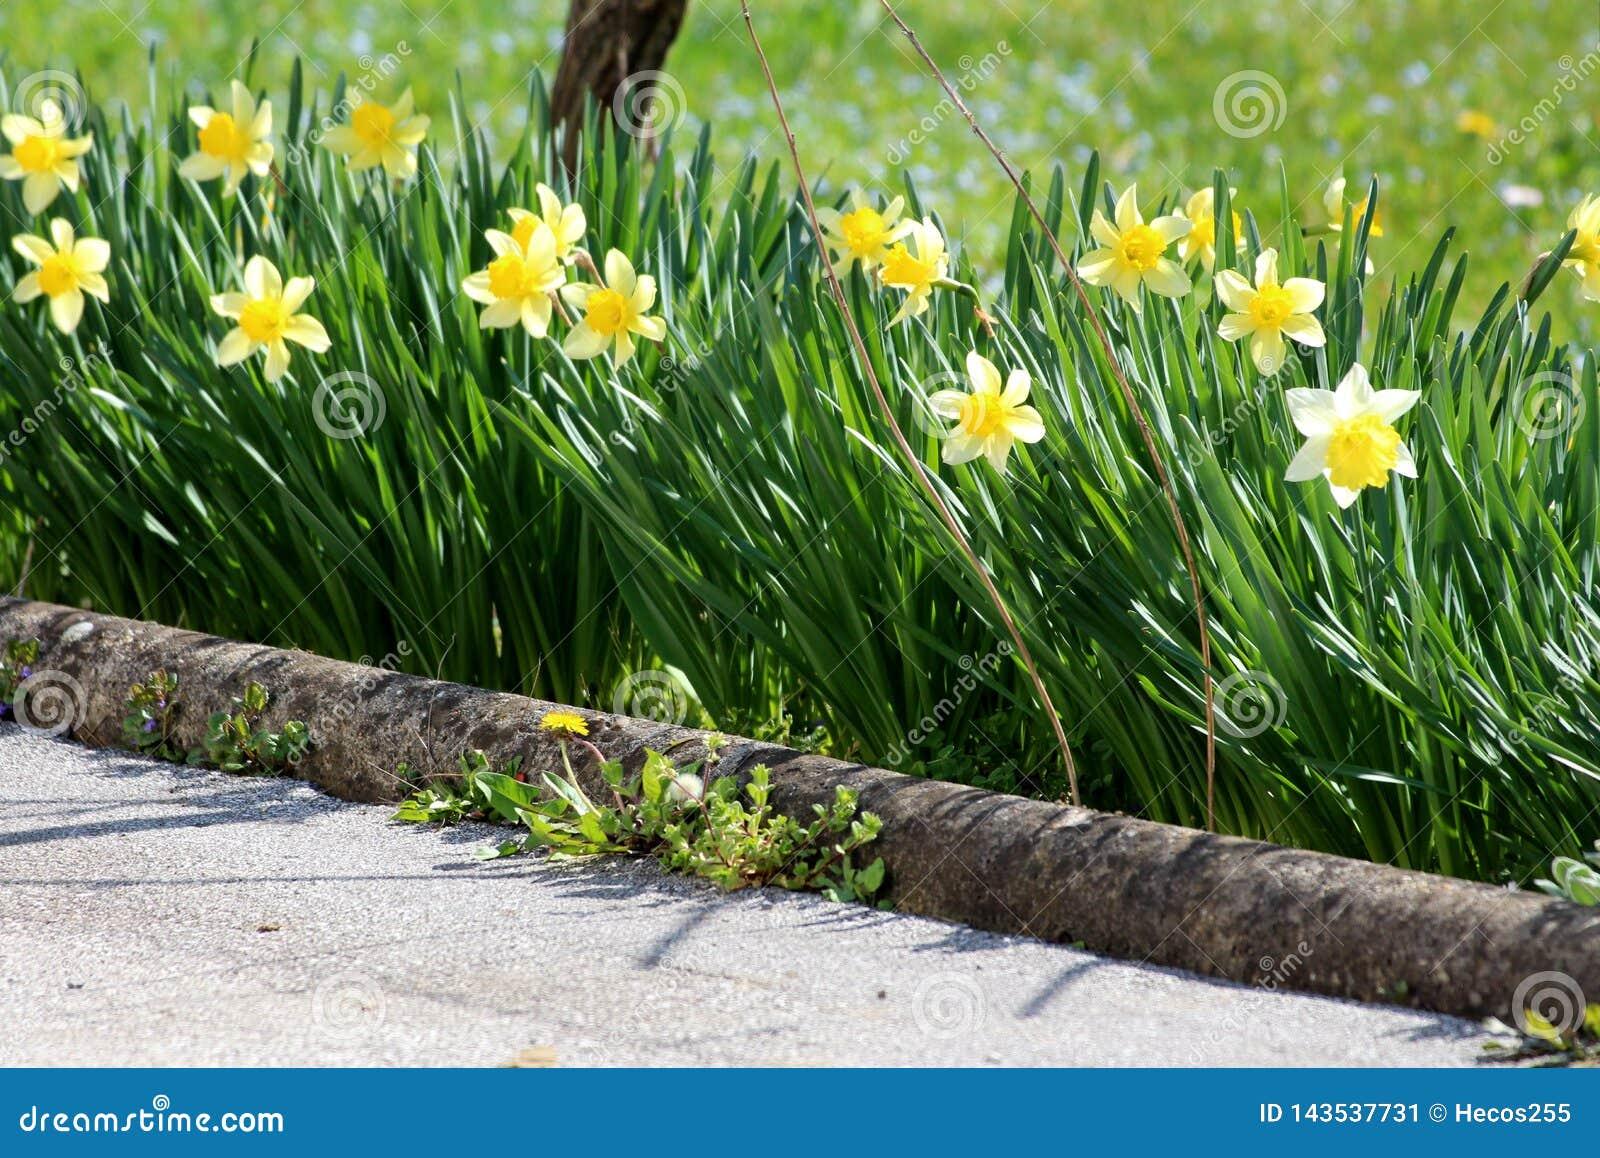 Fiori Gialli Simili Al Narciso.Angiosperme Bulbiferous Erbacee Perenni Dei Geophytes Del Narciso